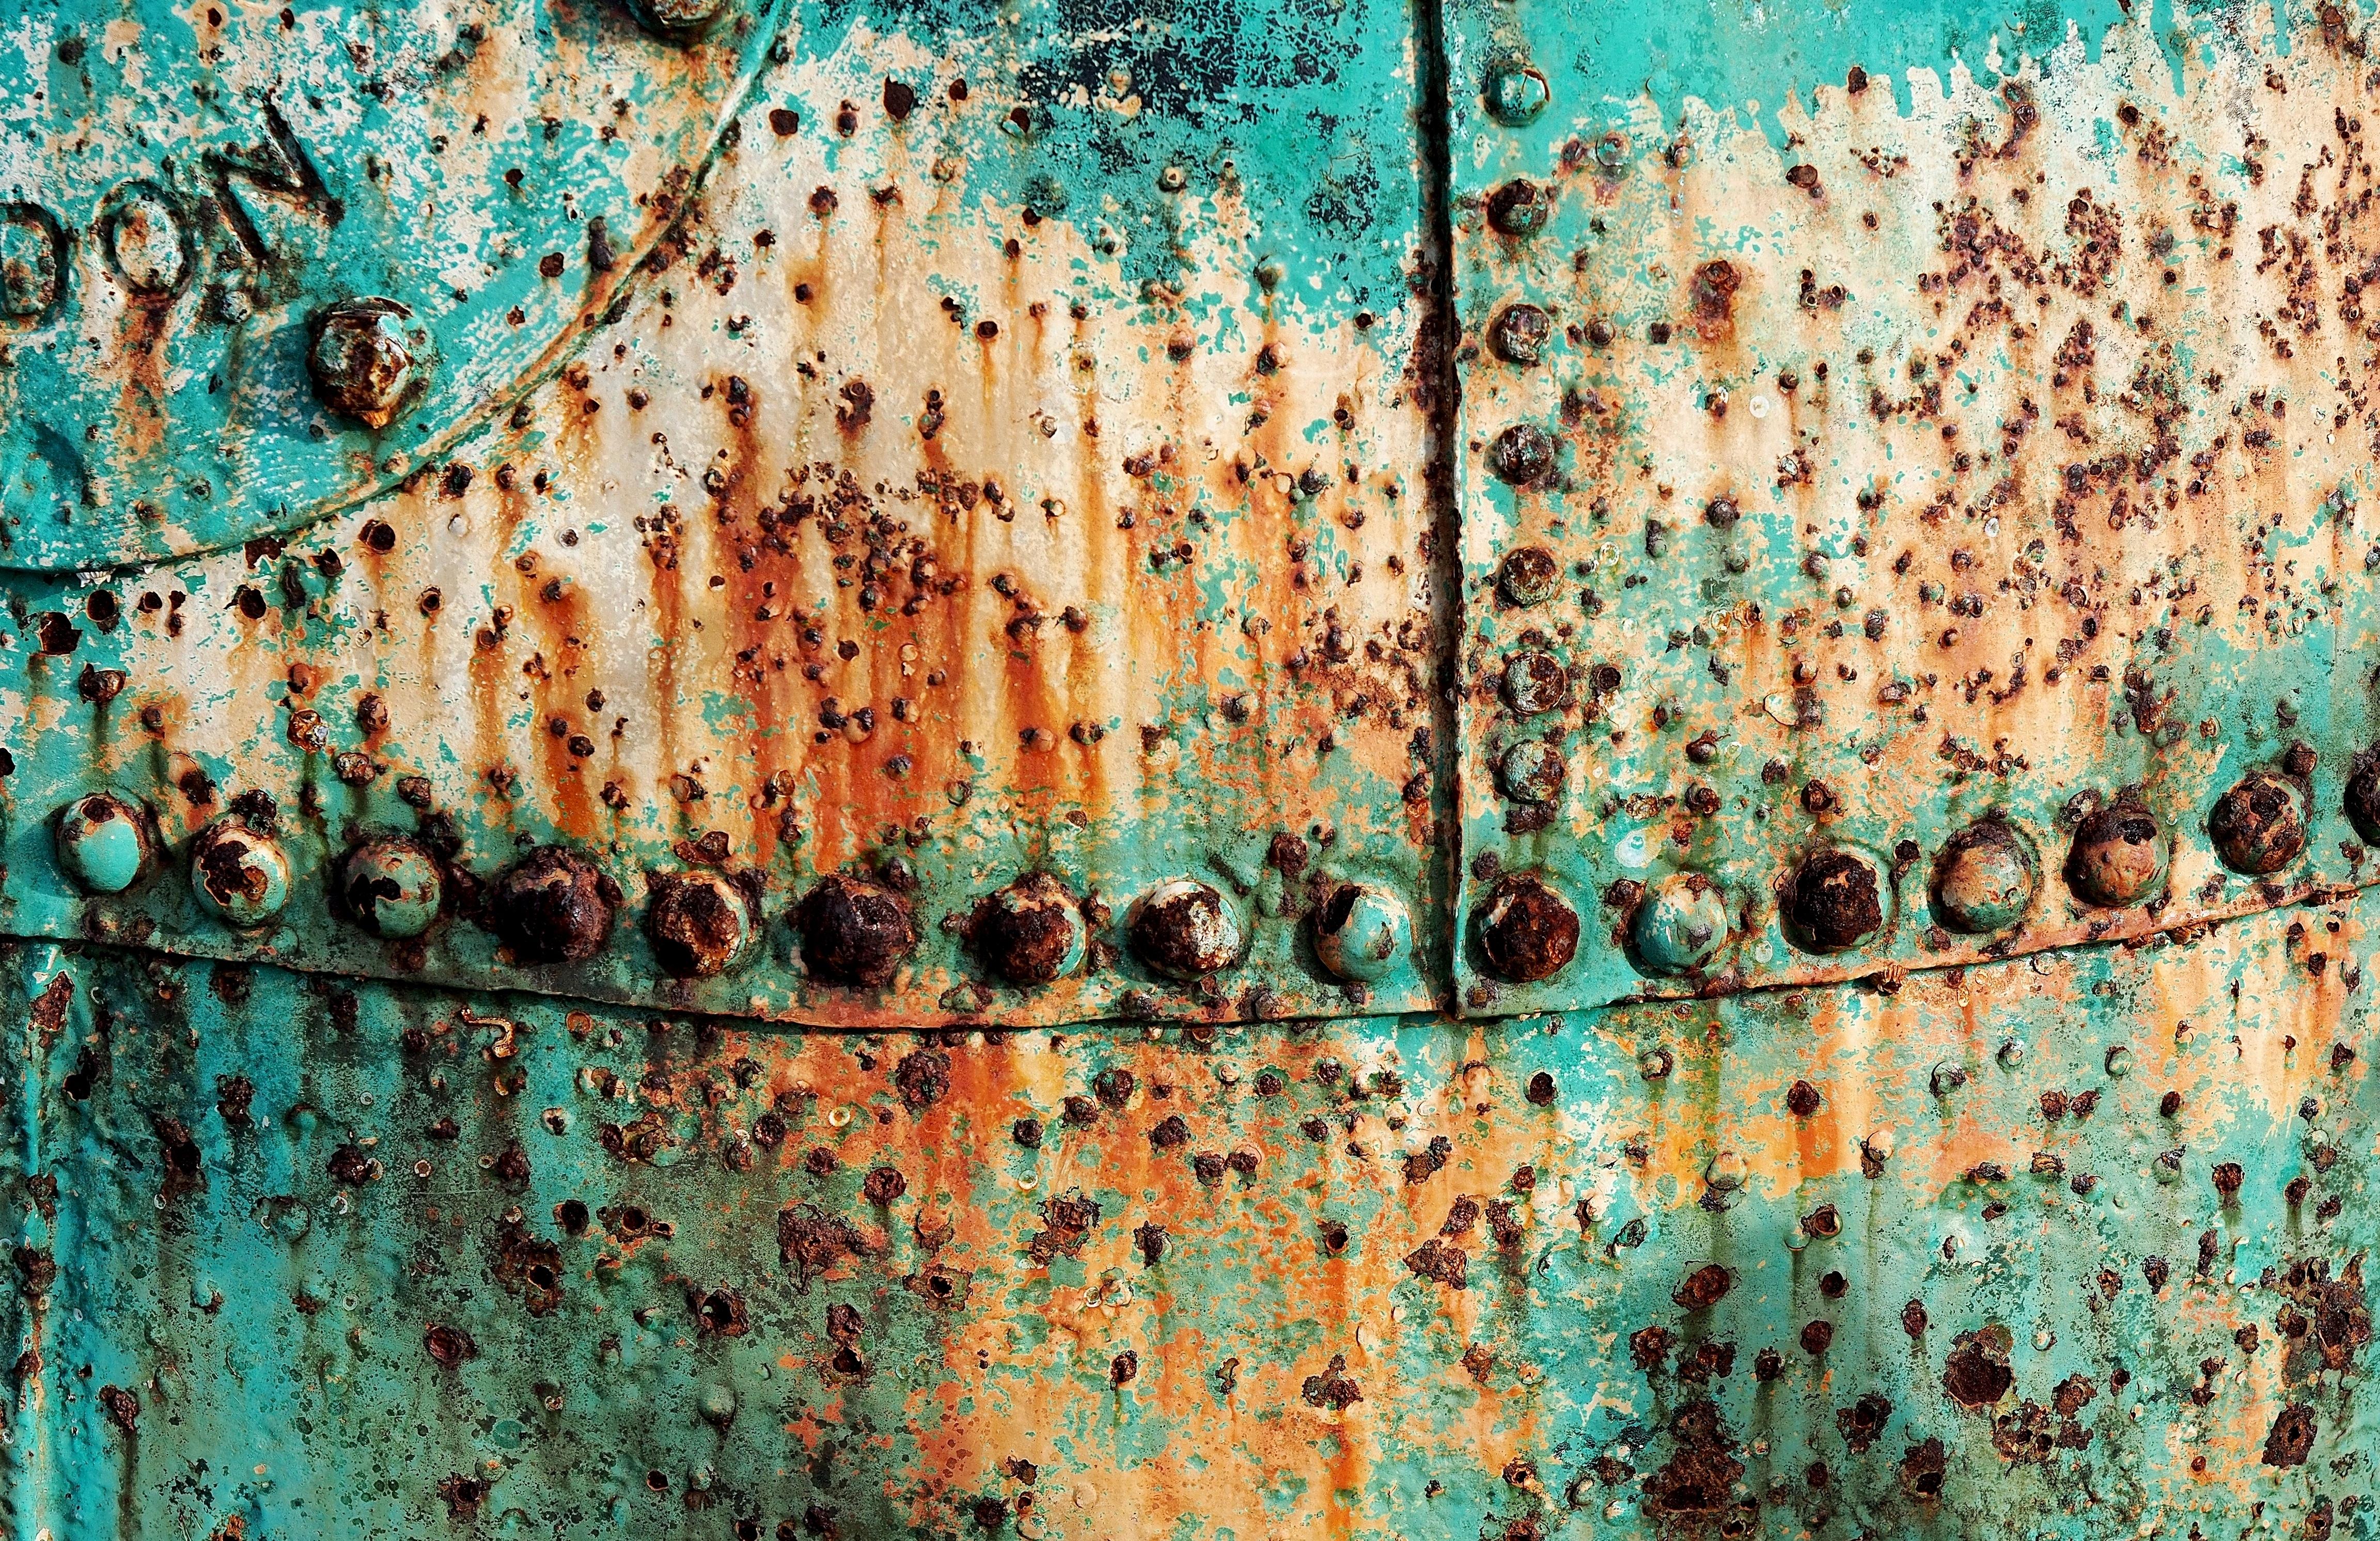 Images gratuites texture vieux mur acier rouille - Peindre du metal rouille ...